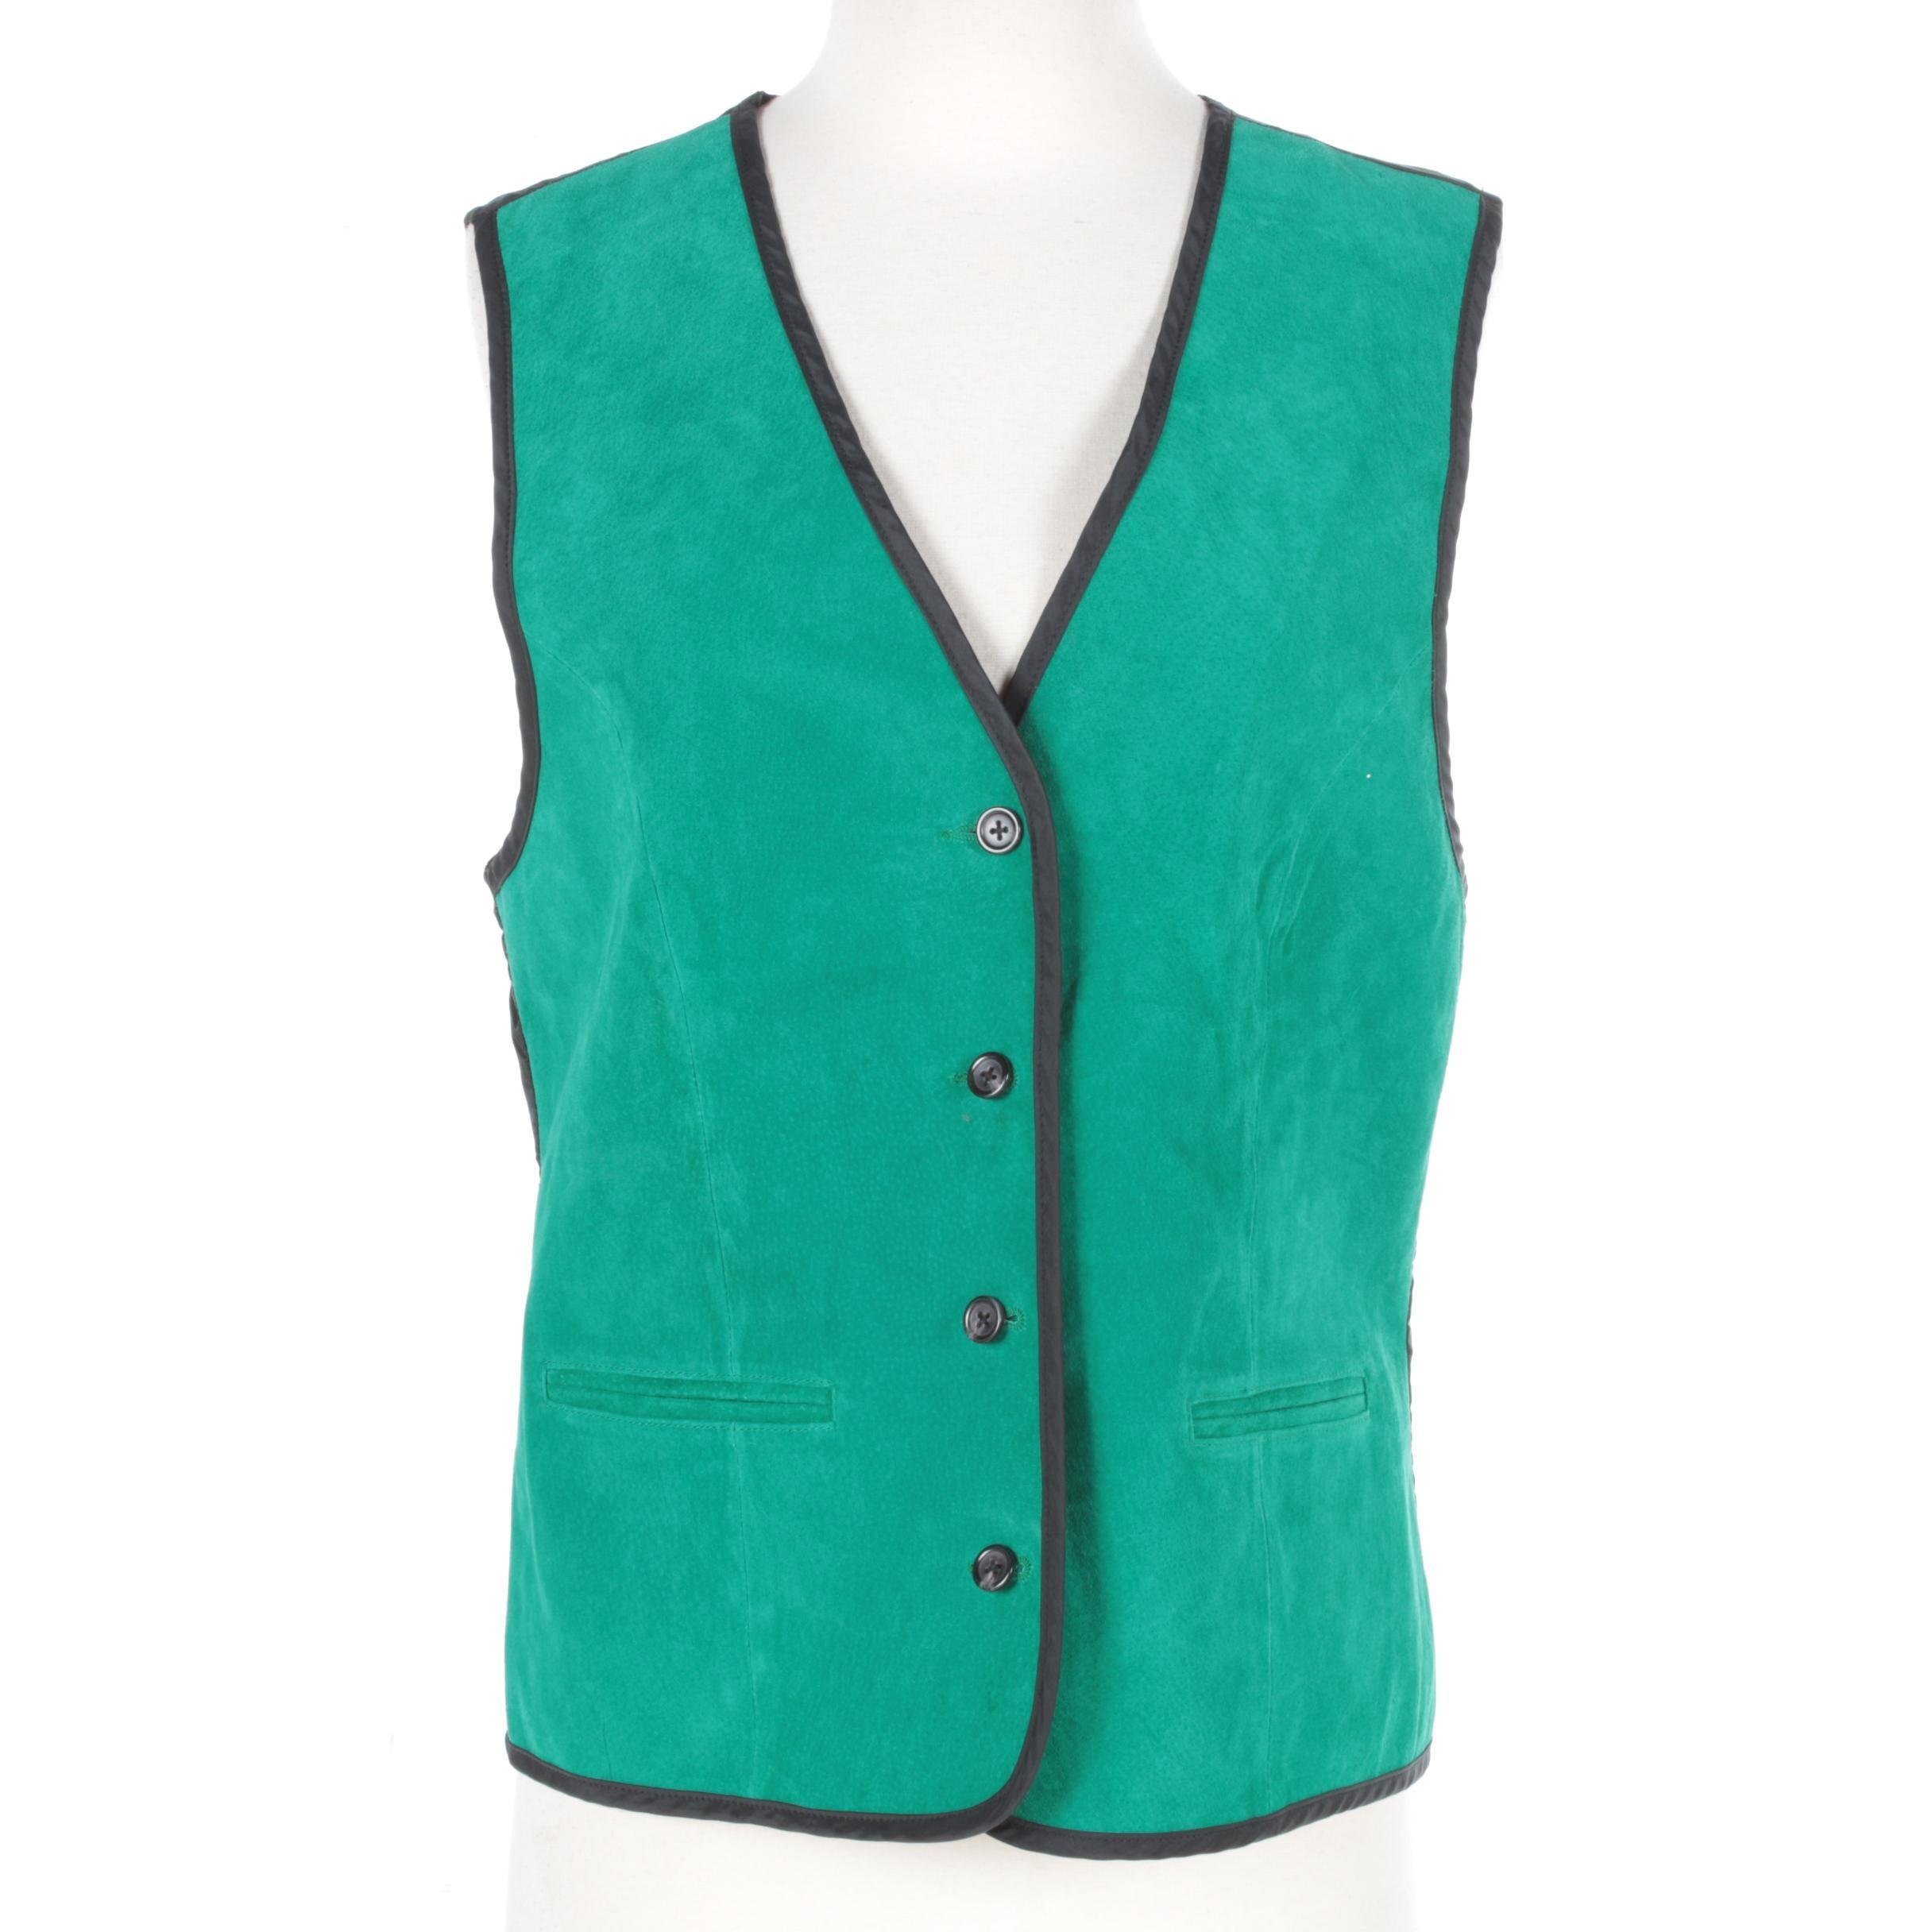 Women's Diane Von Furstenberg Green Suede Leather Vest